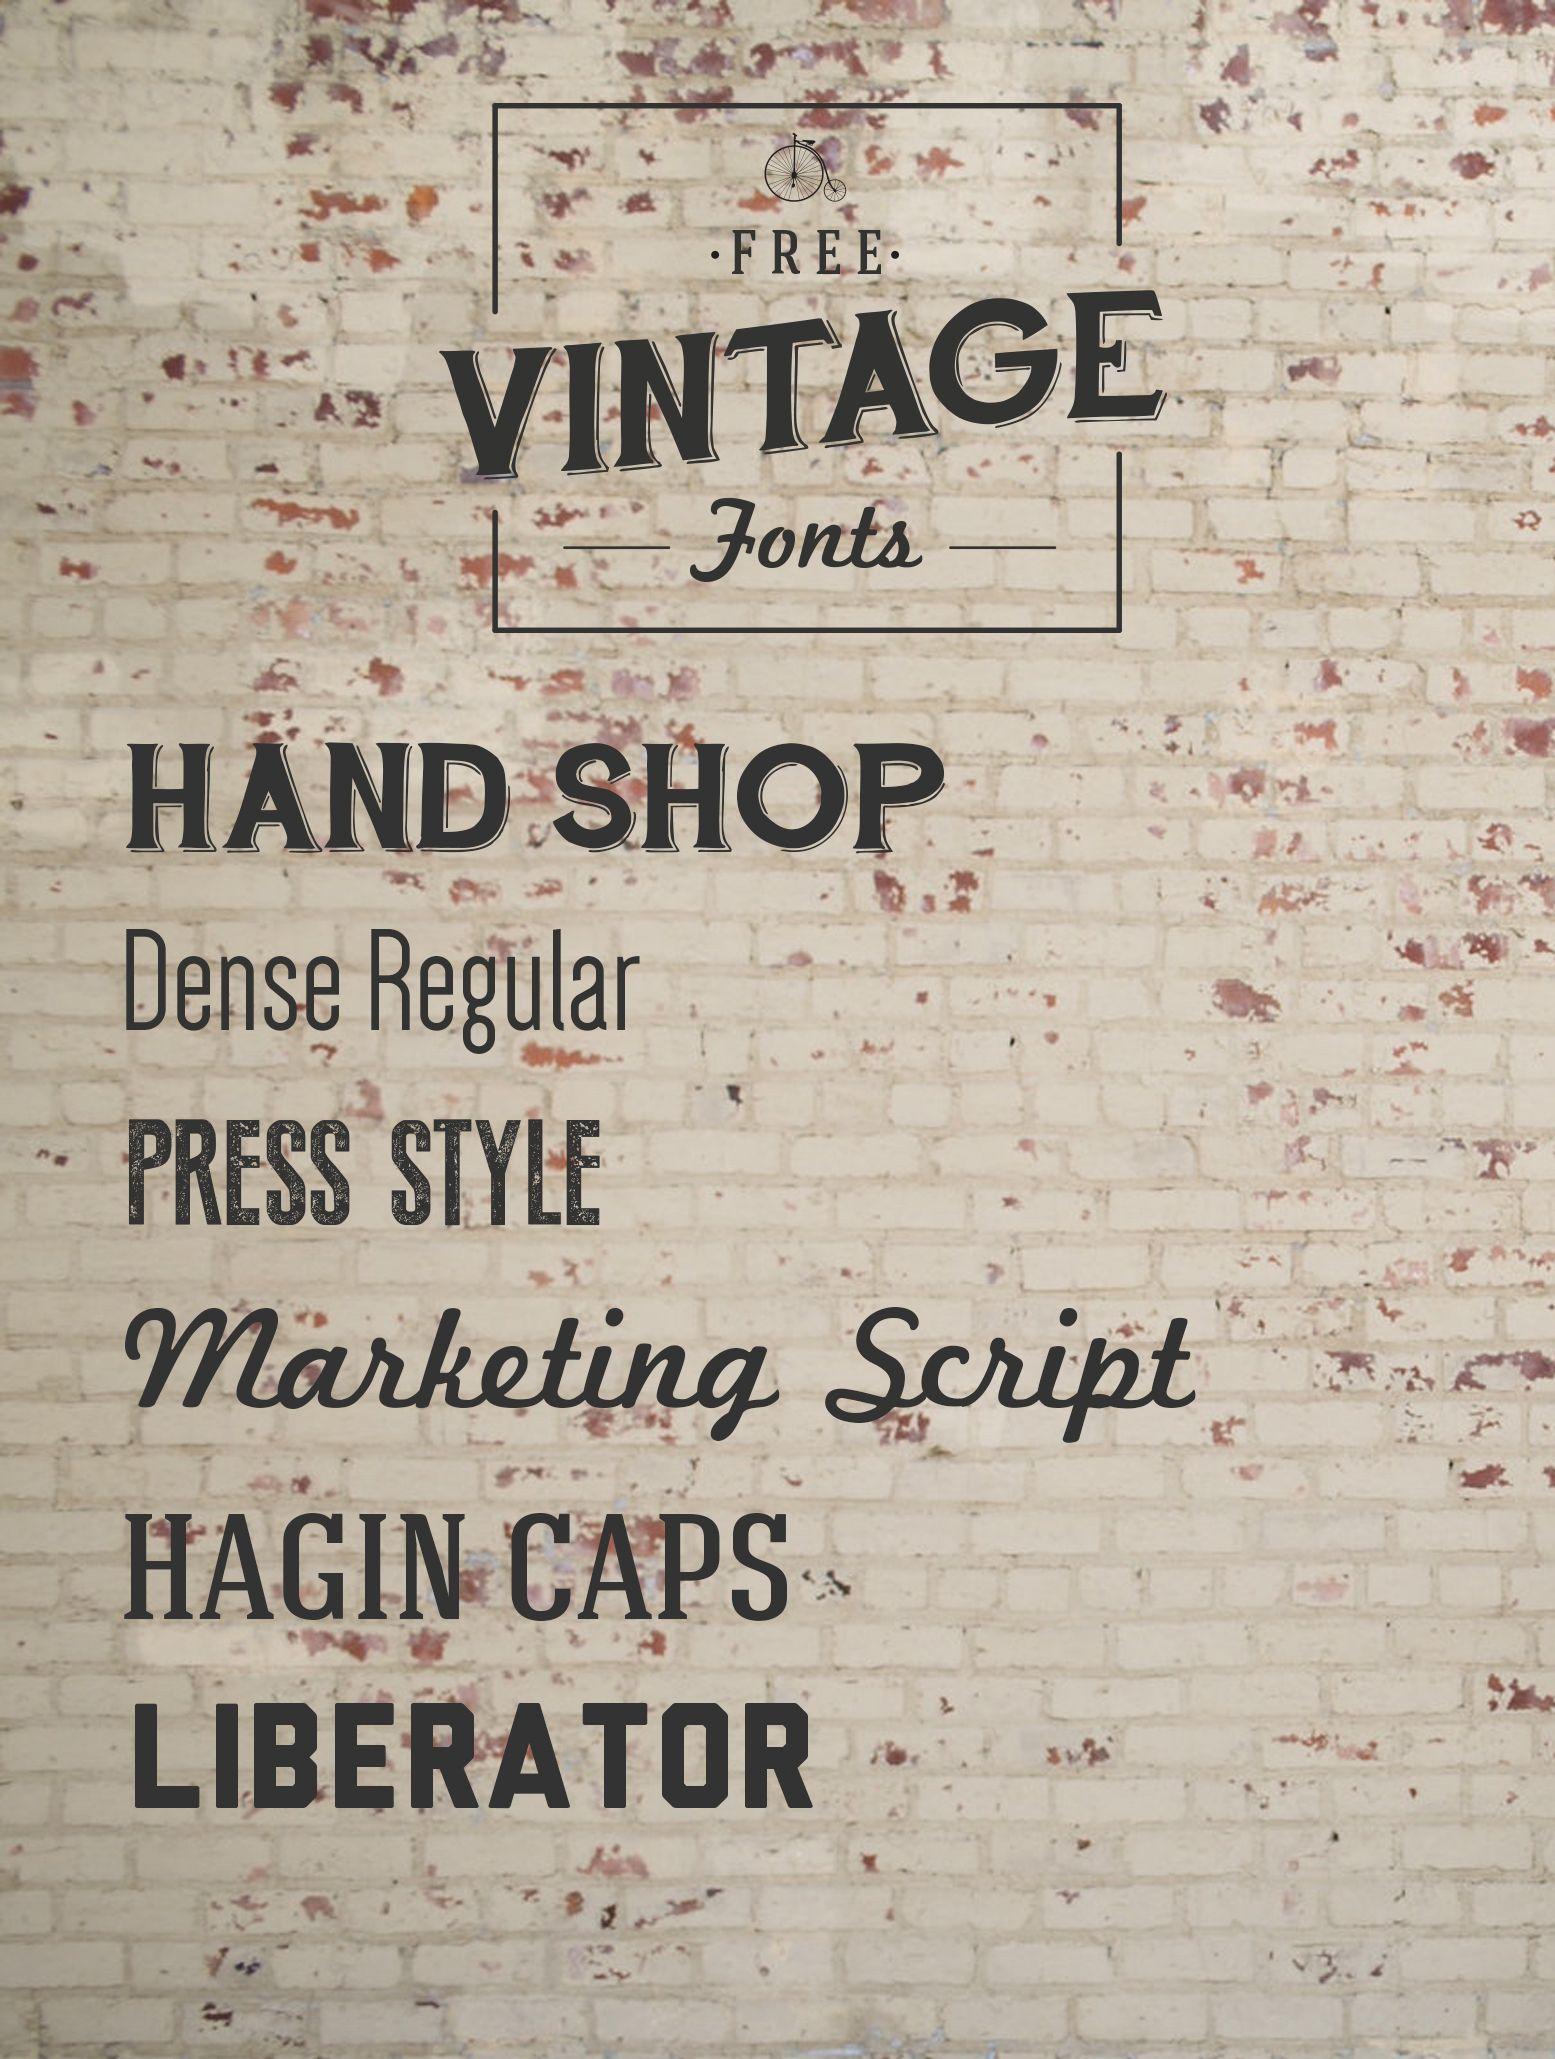 Font Must Haves 004 Free Vintage Fonts Vintage Fonts Vintage Typography Vintage Fonts Free